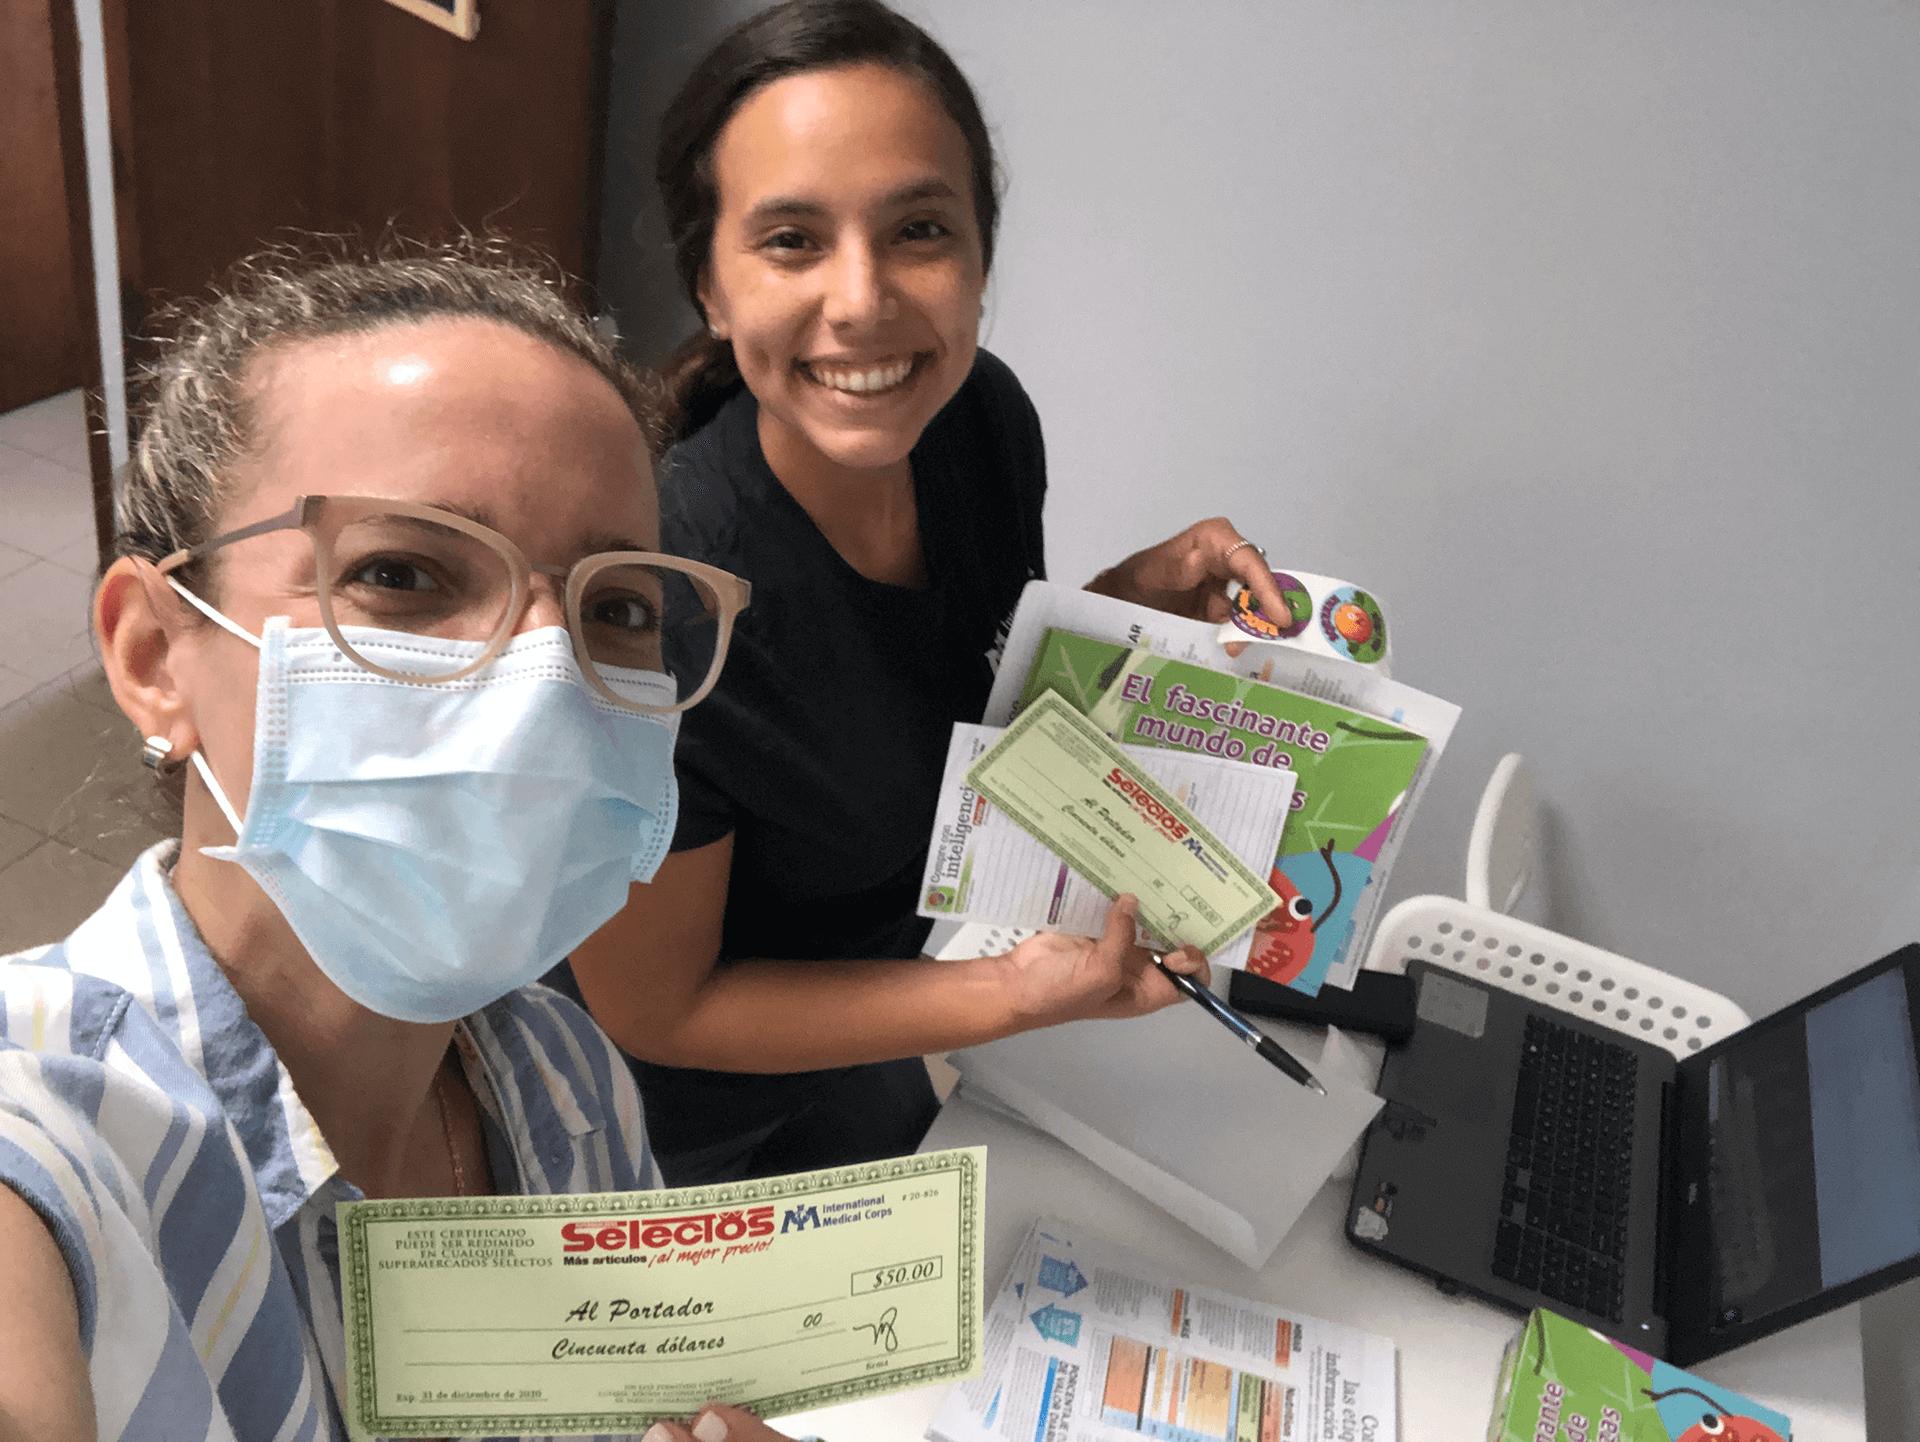 Suzanne Jimenez-Sanchez and Valeria Santa assemble food voucher kits.